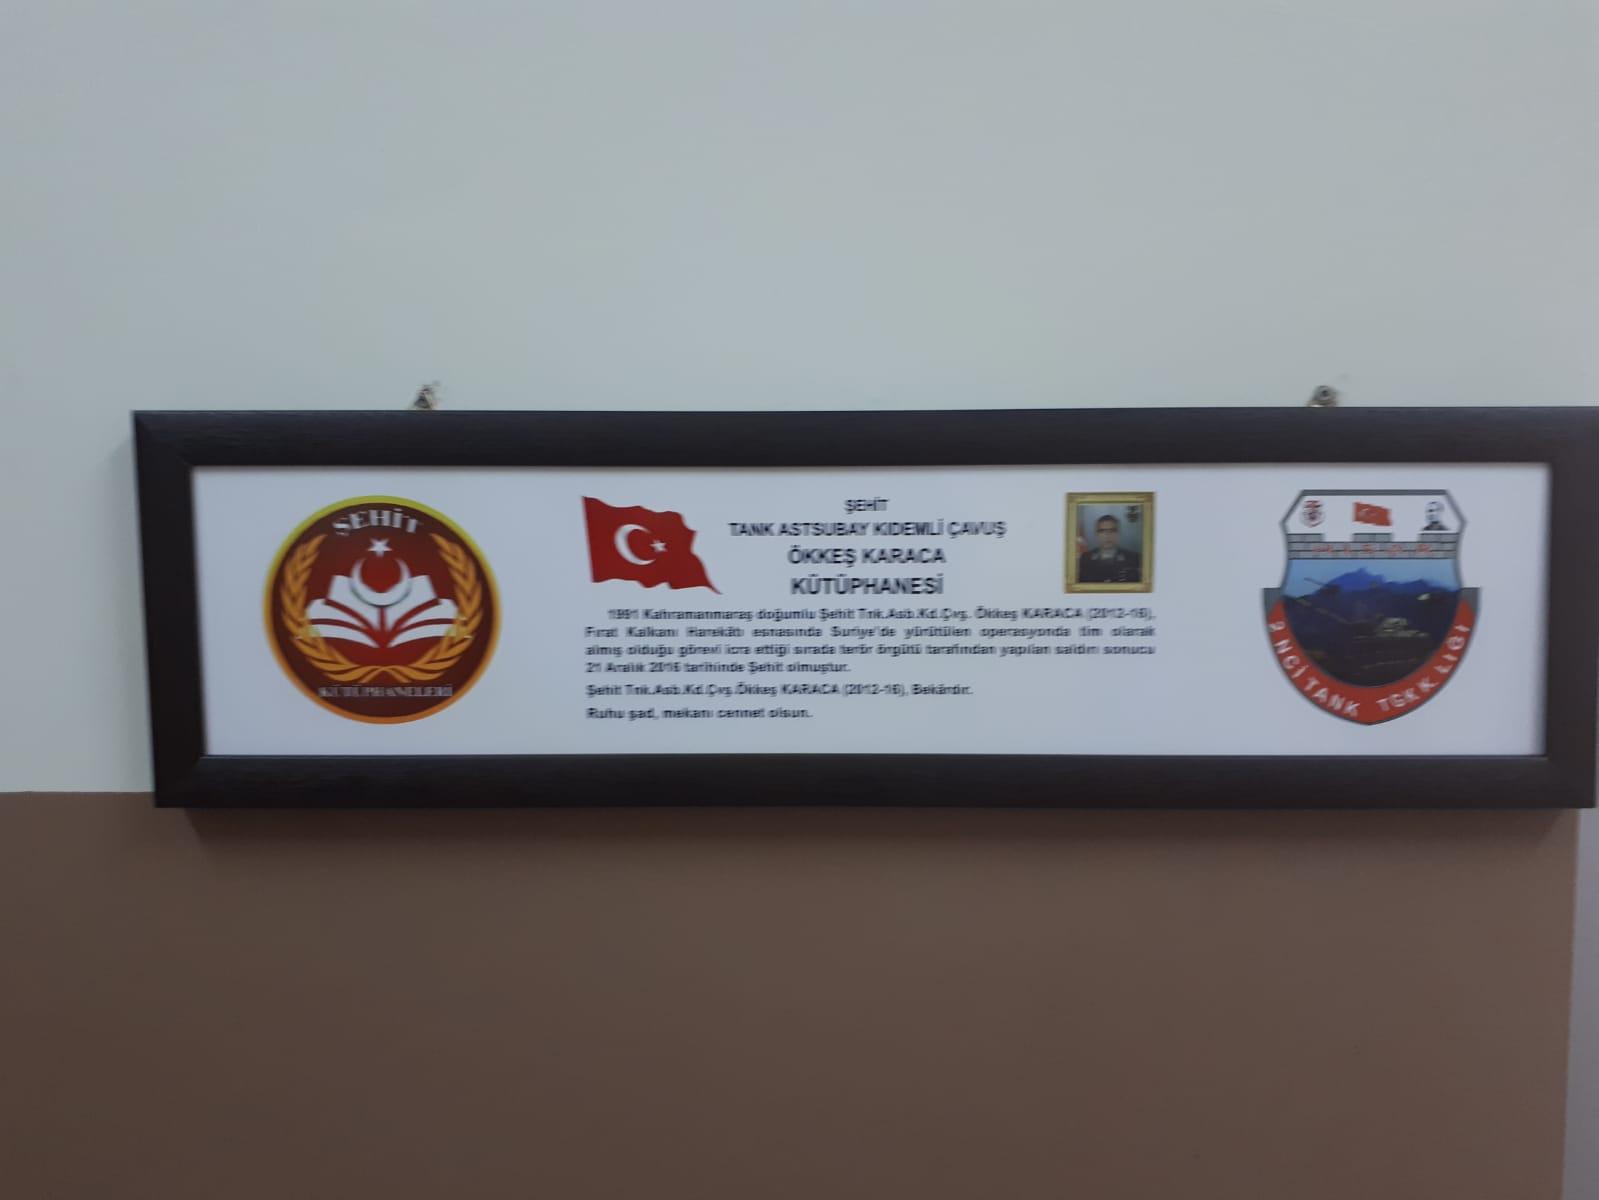 Şehit Tank Astsubay Kıdemli Çavuş Ökkeş KARACA